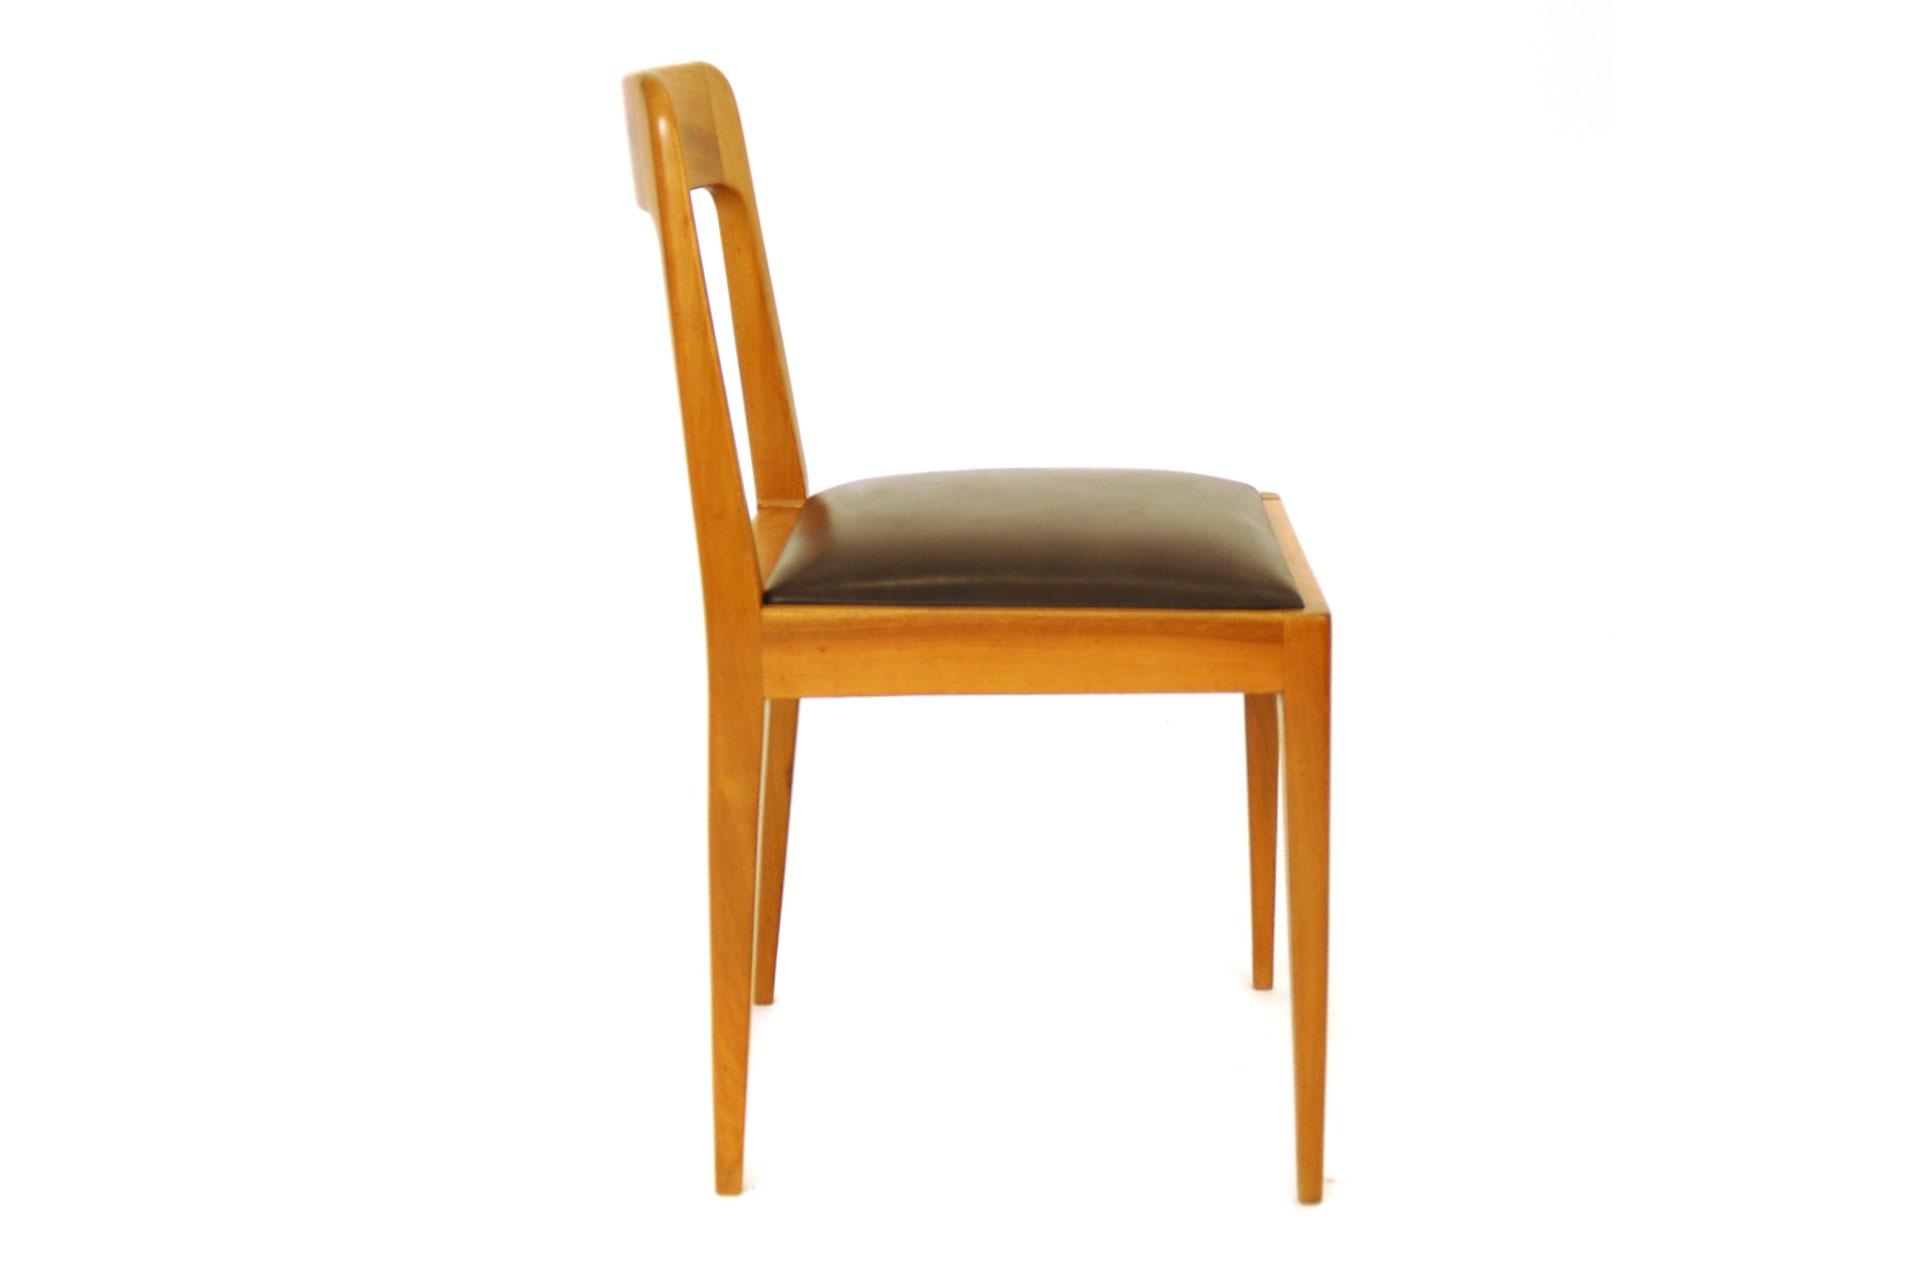 Lichterloh stuhl carl aub ck for Stuhl design 20 jahrhundert